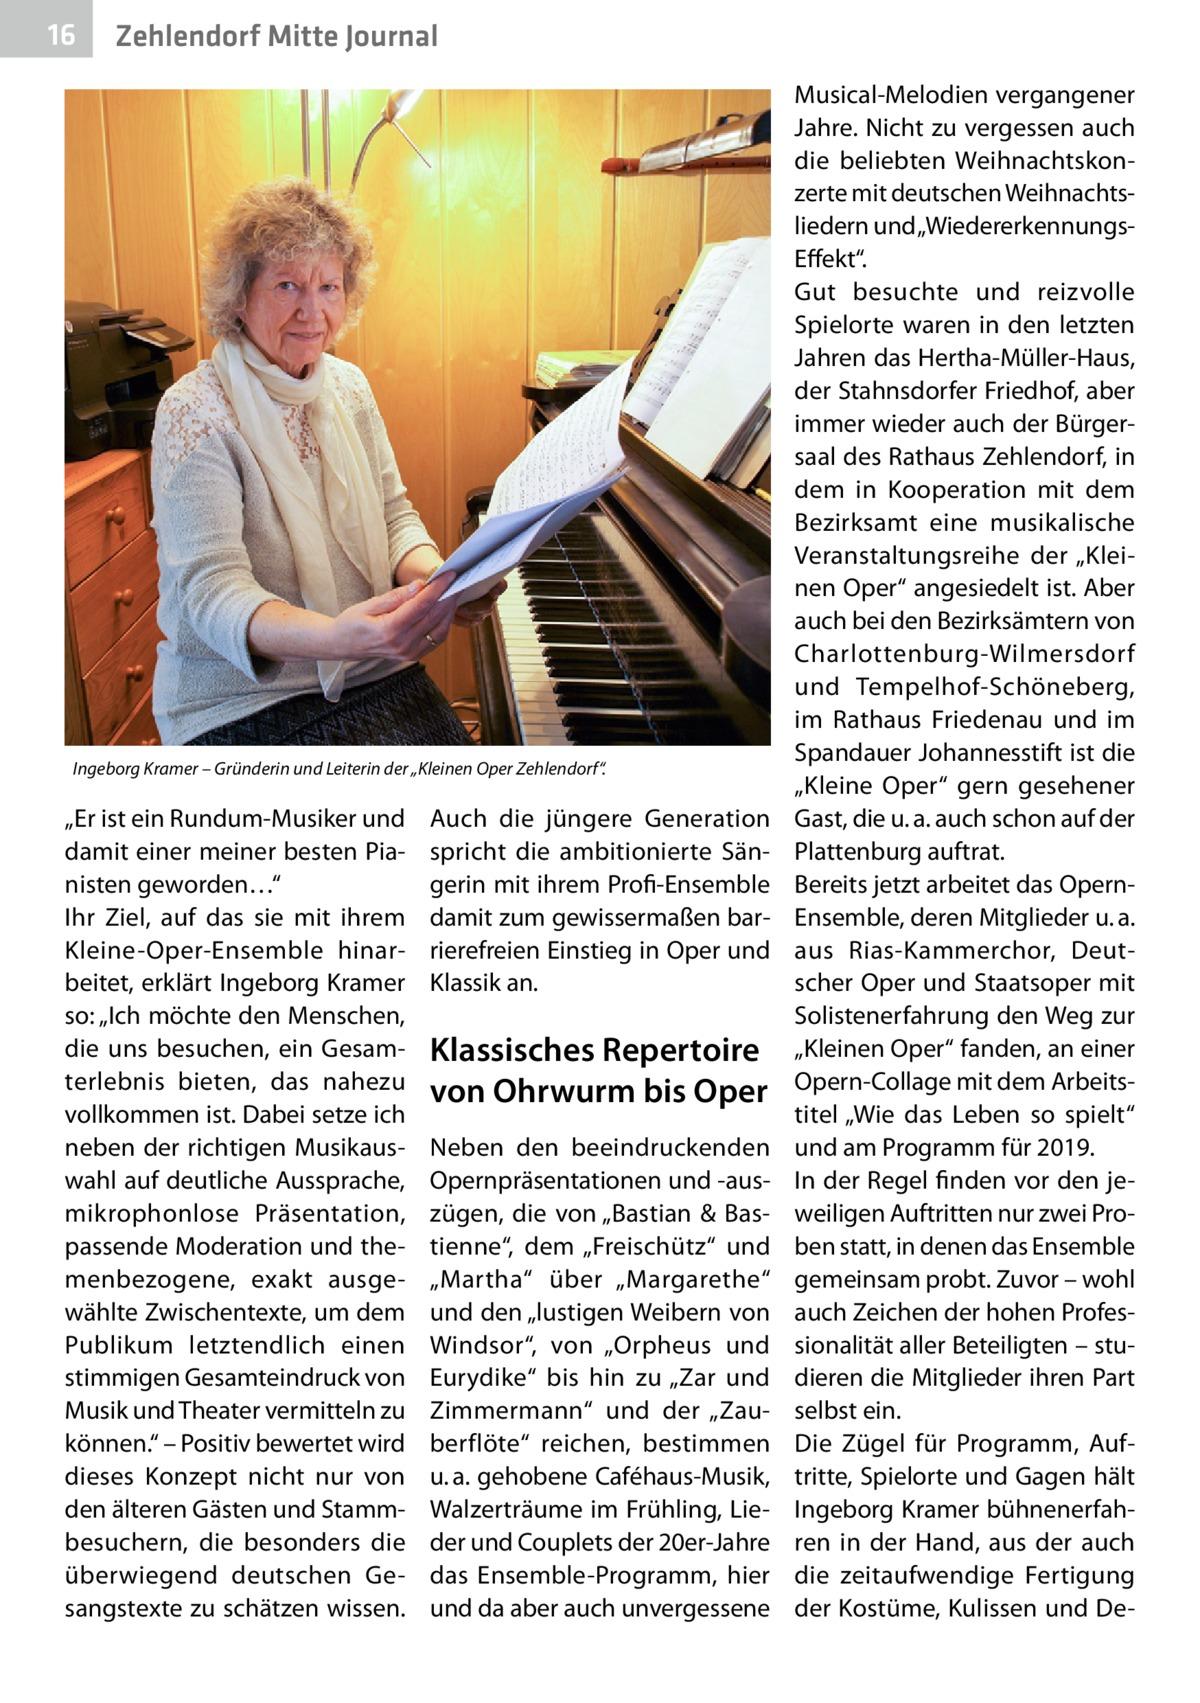 """16  Zehlendorf Mitte Journal  Ingeborg Kramer – Gründerin und Leiterin der """"Kleinen Oper Zehlendorf"""".  """"Er ist ein Rundum-Musiker und damit einer meiner besten Pianisten geworden…"""" Ihr Ziel, auf das sie mit ihrem Kleine-Oper-Ensemble hinarbeitet, erklärt Ingeborg Kramer so: """"Ich möchte den Menschen, die uns besuchen, ein Gesamterlebnis bieten, das nahezu vollkommen ist. Dabei setze ich neben der richtigen Musikauswahl auf deutliche Aussprache, mikrophonlose Präsentation, passende Moderation und themenbezogene, exakt ausgewählte Zwischentexte, um dem Publikum letztendlich einen stimmigen Gesamteindruck von Musik und Theater vermitteln zu können."""" – Positiv bewertet wird dieses Konzept nicht nur von den älteren Gästen und Stammbesuchern, die besonders die überwiegend deutschen Gesangstexte zu schätzen wissen.  Auch die jüngere Generation spricht die ambitionierte Sängerin mit ihrem Profi-Ensemble damit zum gewissermaßen barrierefreien Einstieg in Oper und Klassik an.  Klassisches Repertoire von Ohrwurm bis Oper Neben den beeindruckenden Opernpräsentationen und -auszügen, die von """"Bastian & Bastienne"""", dem """"Freischütz"""" und """"Martha"""" über """"Margarethe"""" und den """"lustigen Weibern von Windsor"""", von """"Orpheus und Eurydike"""" bis hin zu """"Zar und Zimmermann"""" und der """"Zauberflöte"""" reichen, bestimmen u.a. gehobene Caféhaus-Musik, Walzerträume im Frühling, Lieder und Couplets der 20er-Jahre das Ensemble-Programm, hier und da aber auch unvergessene  Musical-Melodien vergangener Jahre. Nicht zu vergessen auch die beliebten Weihnachtskonzerte mit deutschen Weihnachtsliedern und """"WiedererkennungsEffekt"""". Gut besuchte und reizvolle Spielorte waren in den letzten Jahren das Hertha-Müller-Haus, der Stahnsdorfer Friedhof, aber immer wieder auch der Bürgersaal des Rathaus Zehlendorf, in dem in Kooperation mit dem Bezirksamt eine musikalische Veranstaltungsreihe der """"Kleinen Oper"""" angesiedelt ist. Aber auch bei den Bezirksämtern von Charlottenburg-Wilmersdorf und Tempelhof-Schöneberg, im Ratha"""